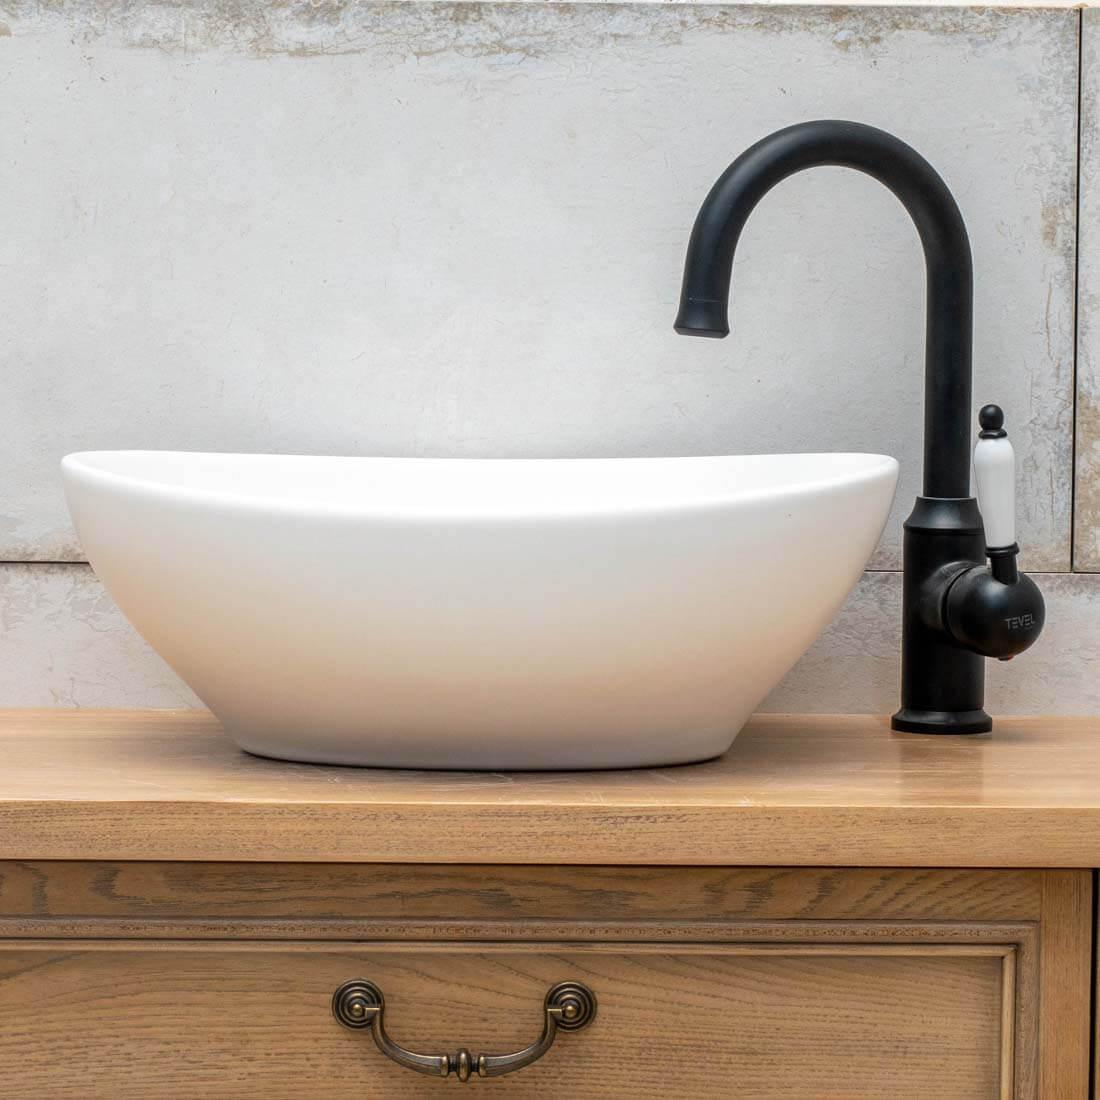 ברז אמבטיה - ברז ברבור ליסבון